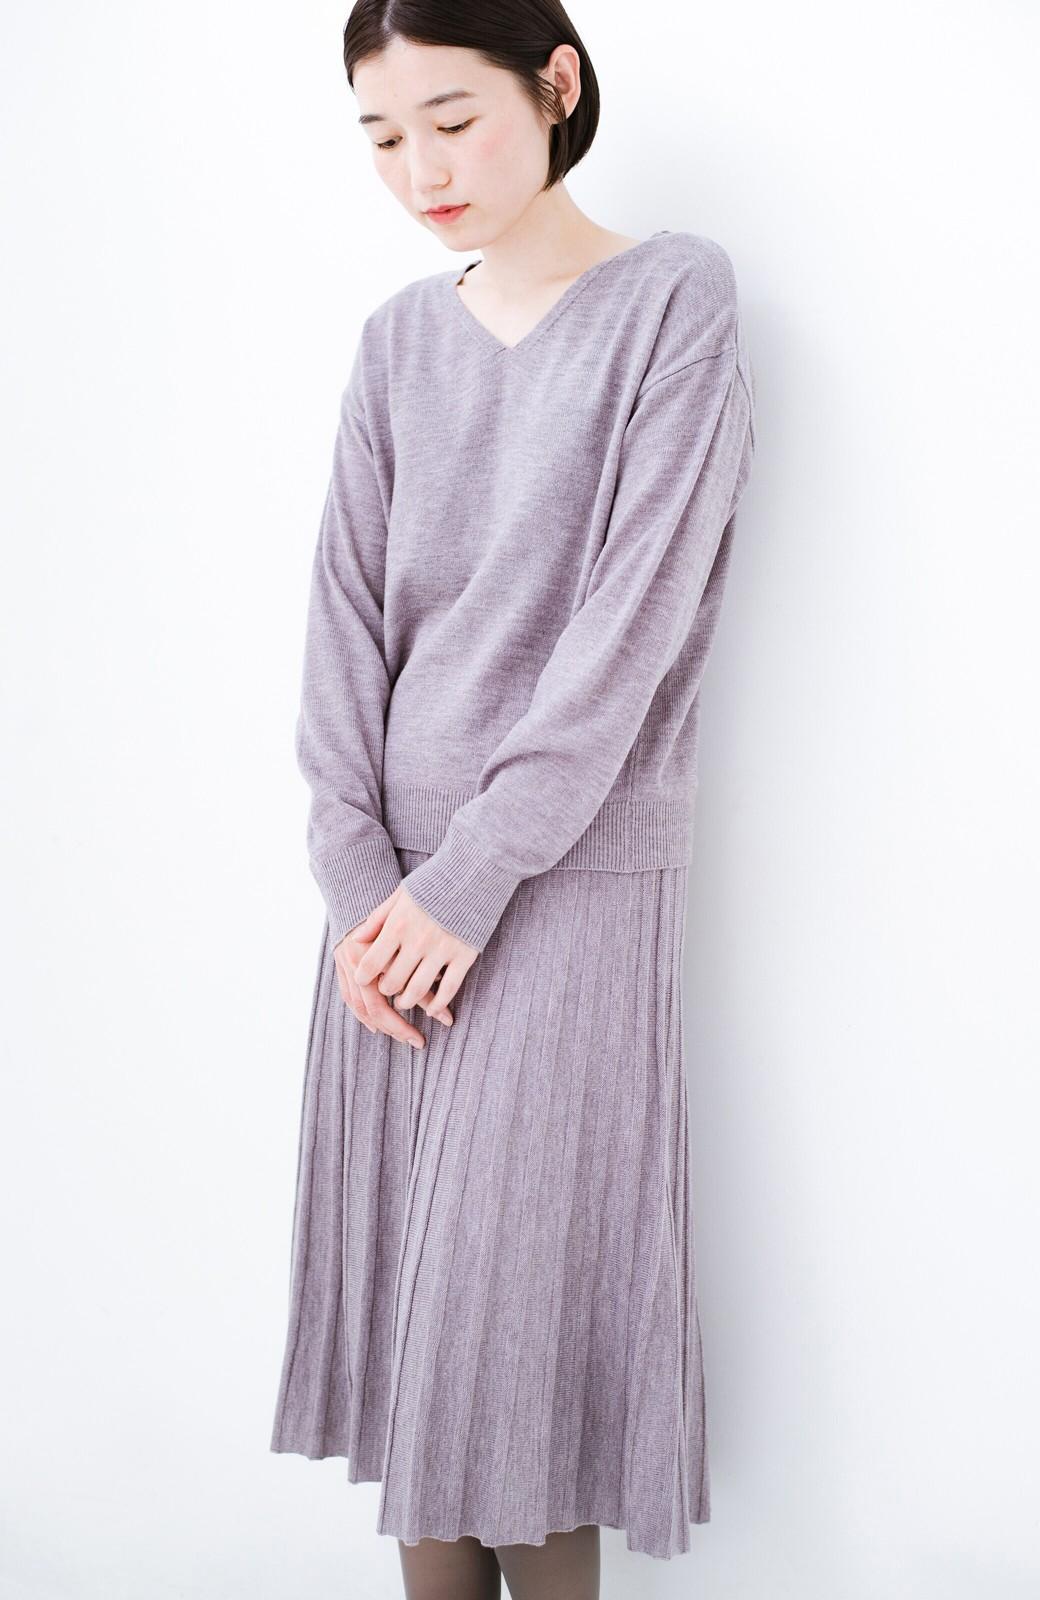 haco! 寝坊した朝でも安心!パッと着るだけでコーデが完成する女っぽニットアップ <杢グレー>の商品写真18